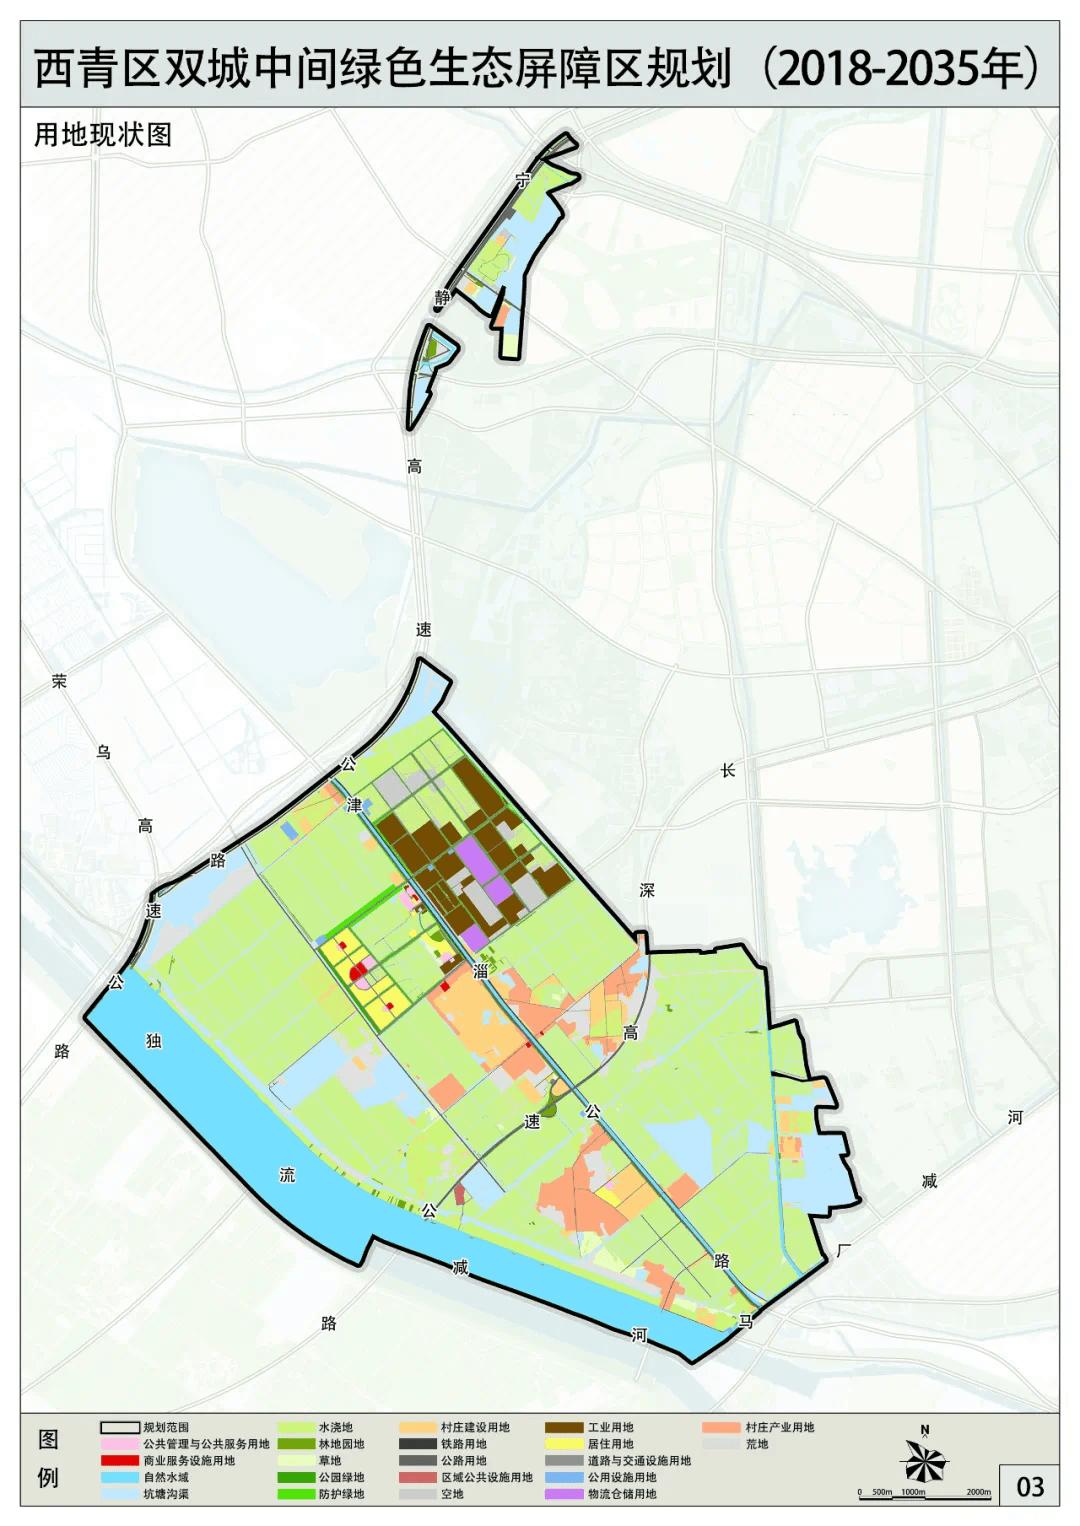 重磅!天津这个区绿色生态屏障区规划公布 将打造产业核心区